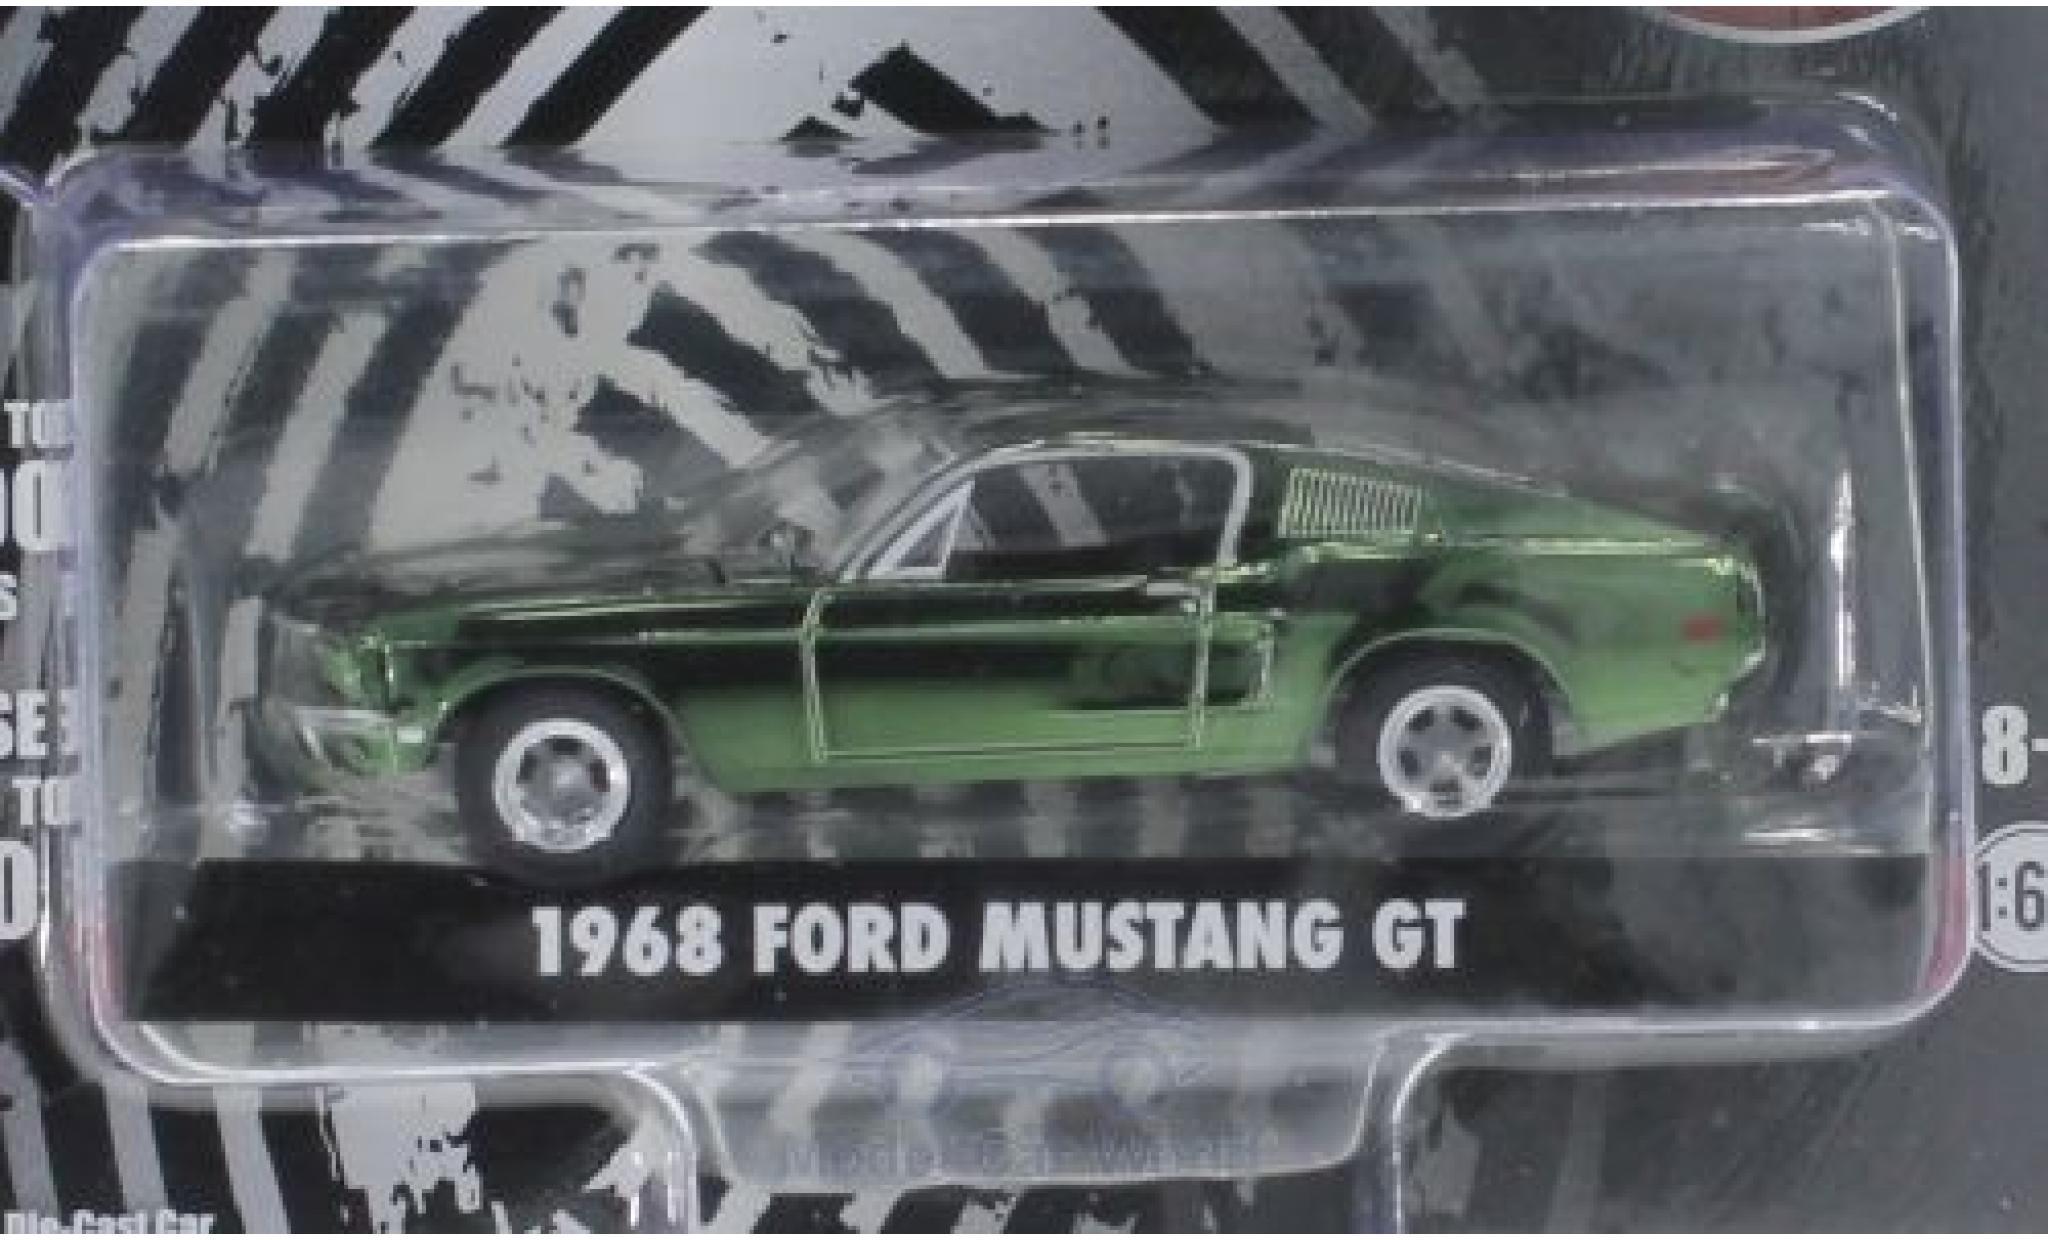 Ford Mustang GT 1/64 Greenlight chrom/verte Bullitt 1968